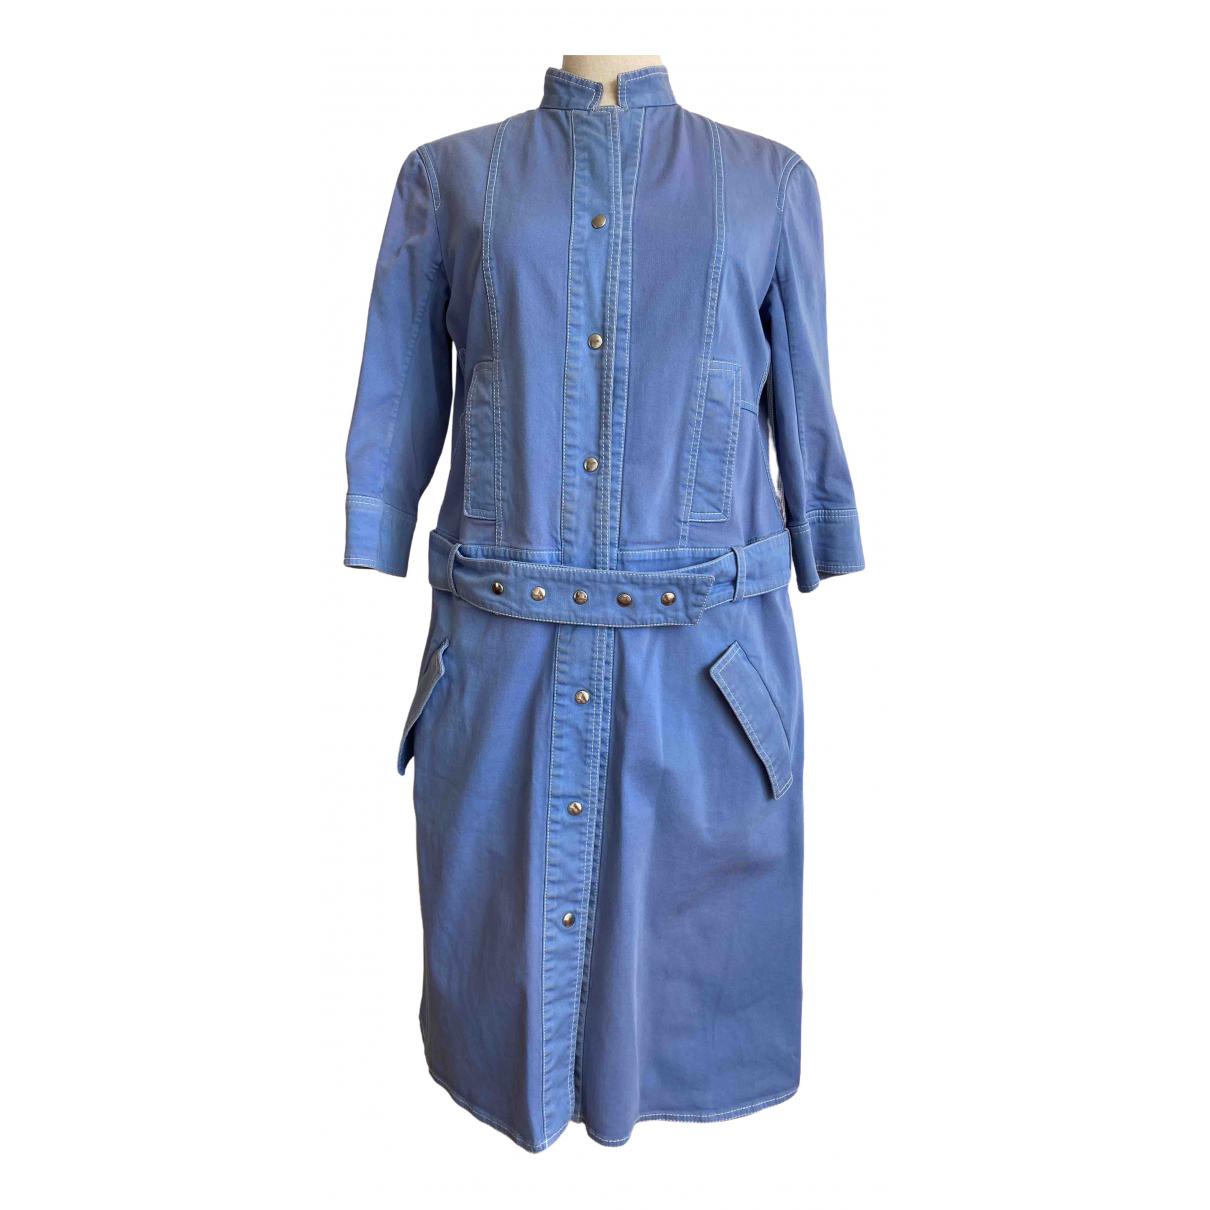 Jil Sander \N Kleid in  Blau Baumwolle - Elasthan